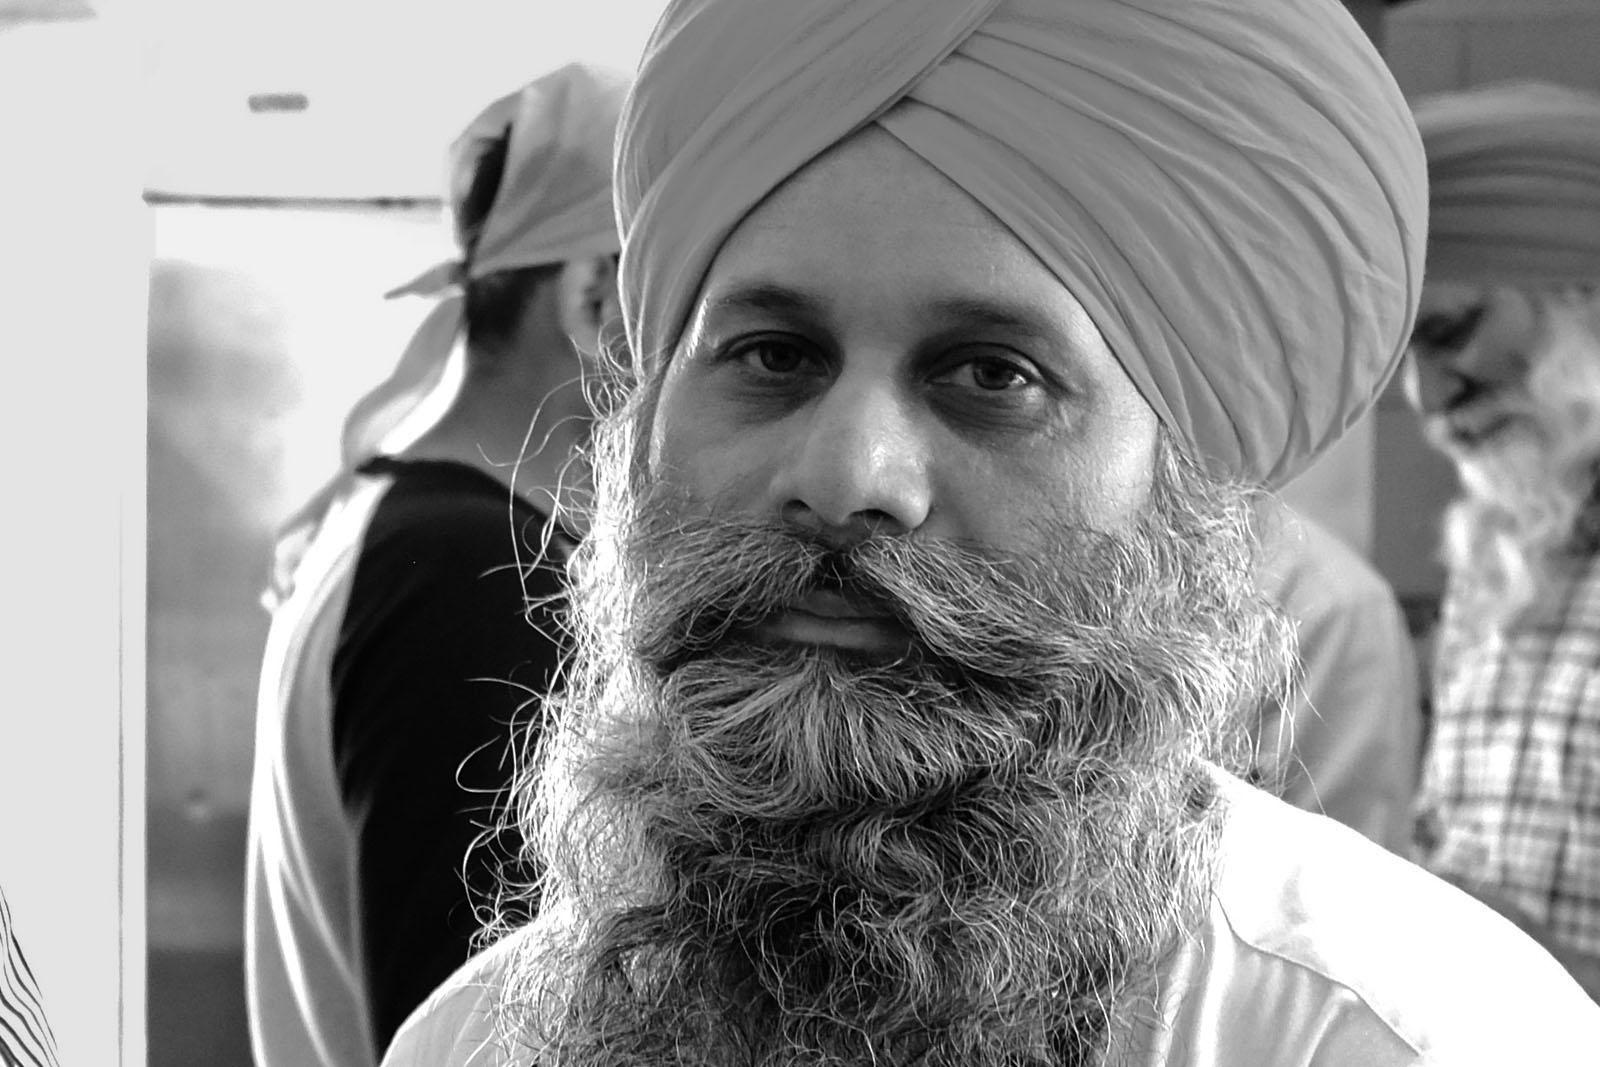 12_Sikh